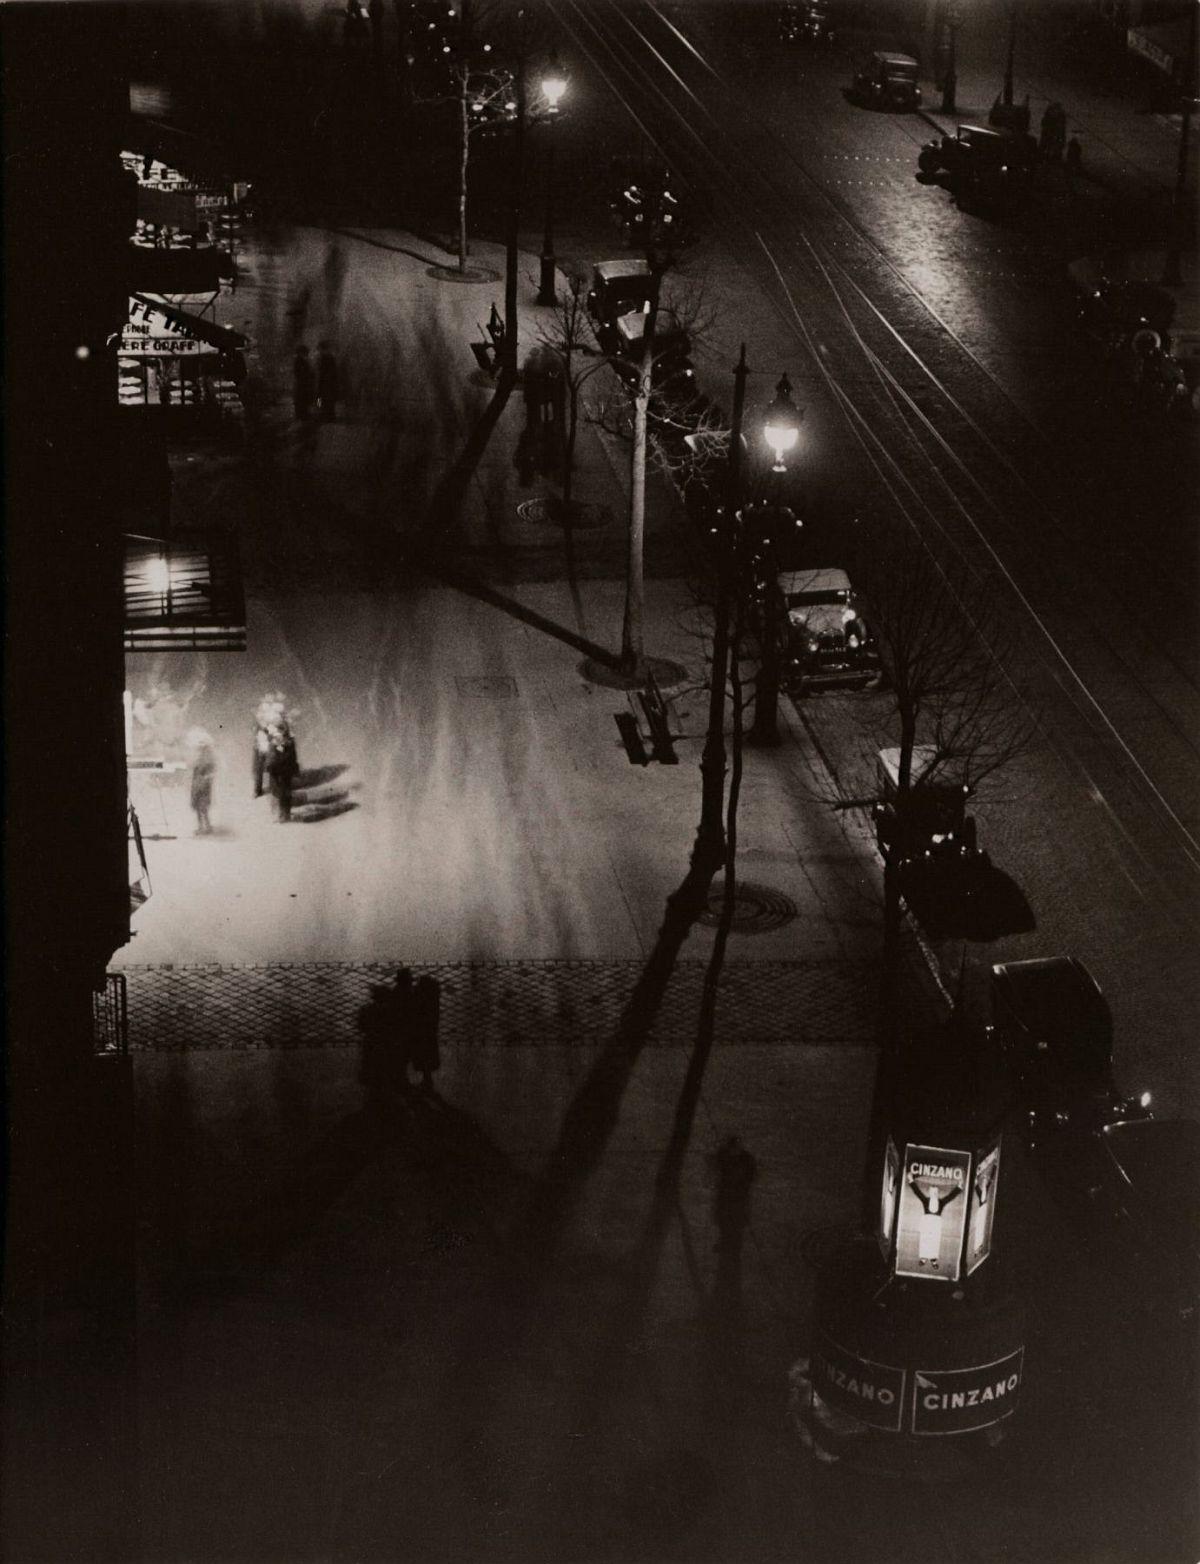 Brassaï, Boulevard Montparnasse, 1932